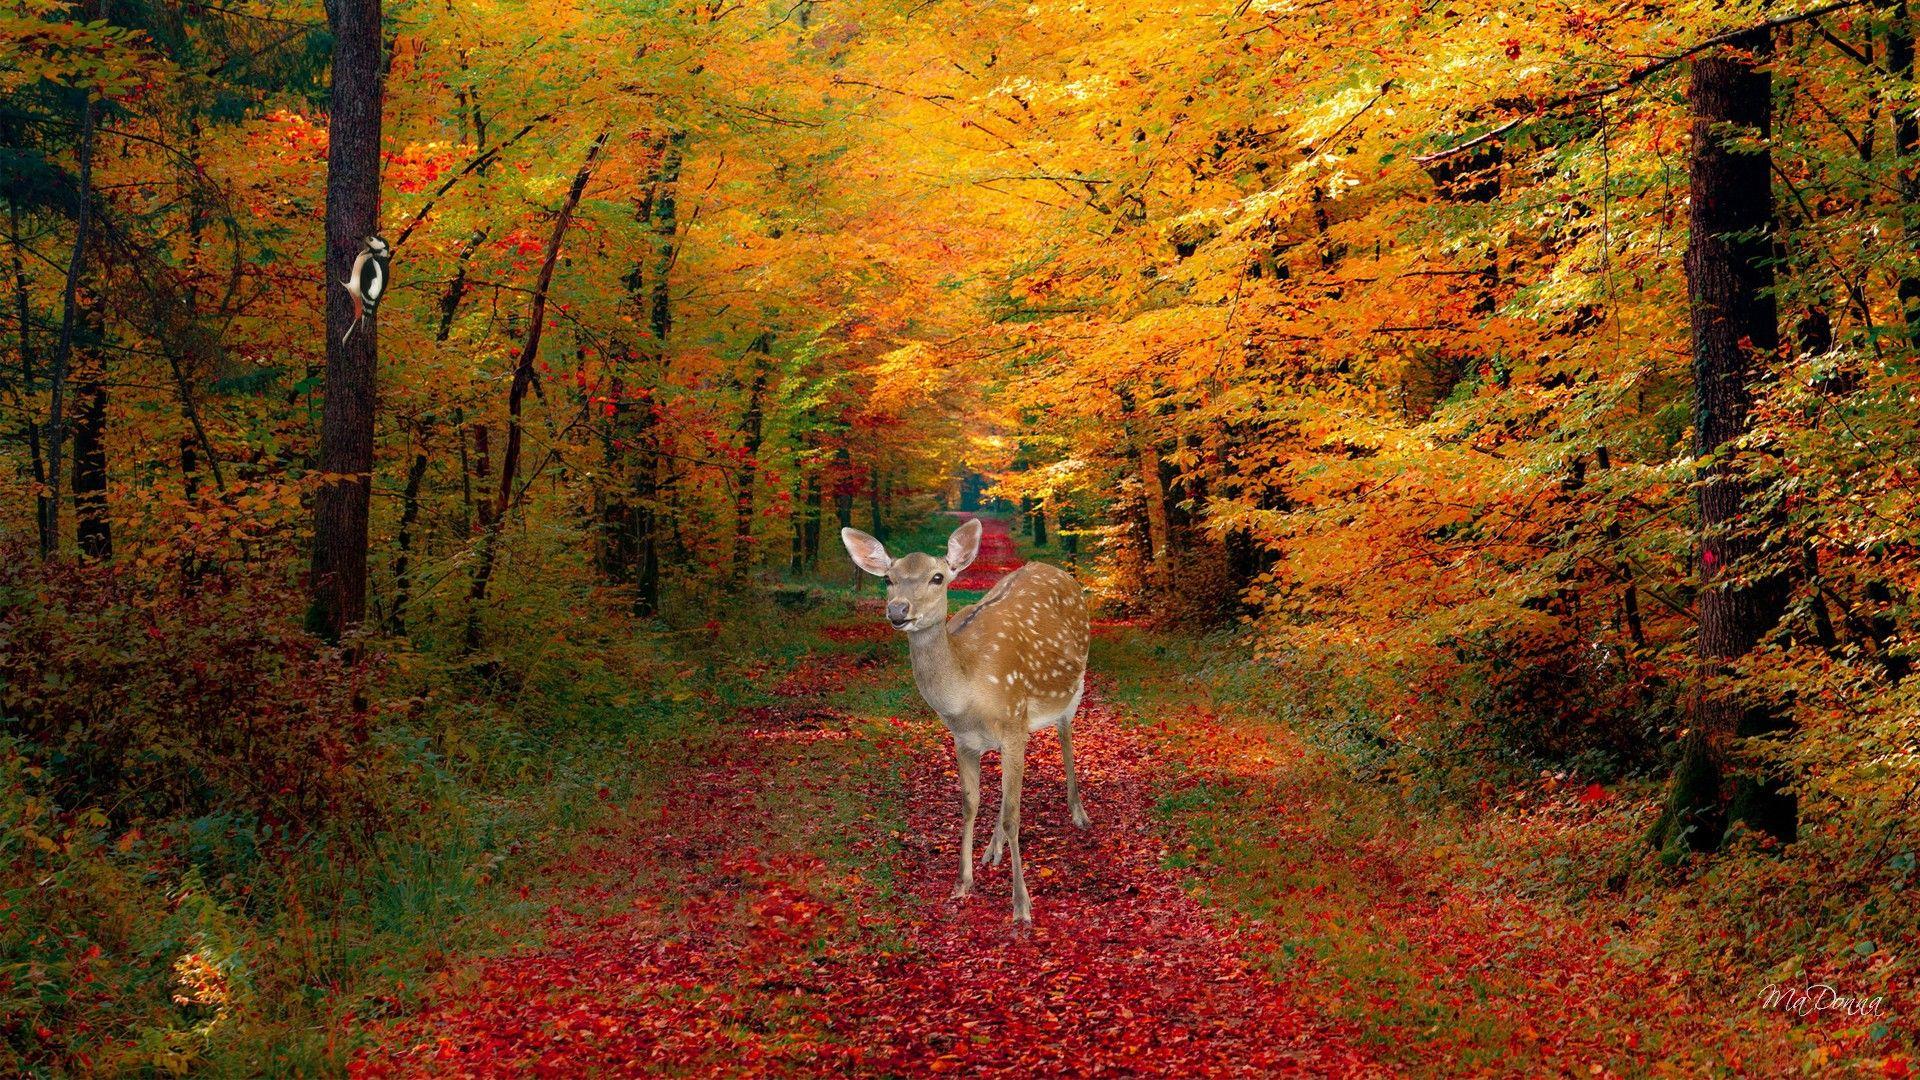 Deer In Autumn Desktop Background wallpapers HD free